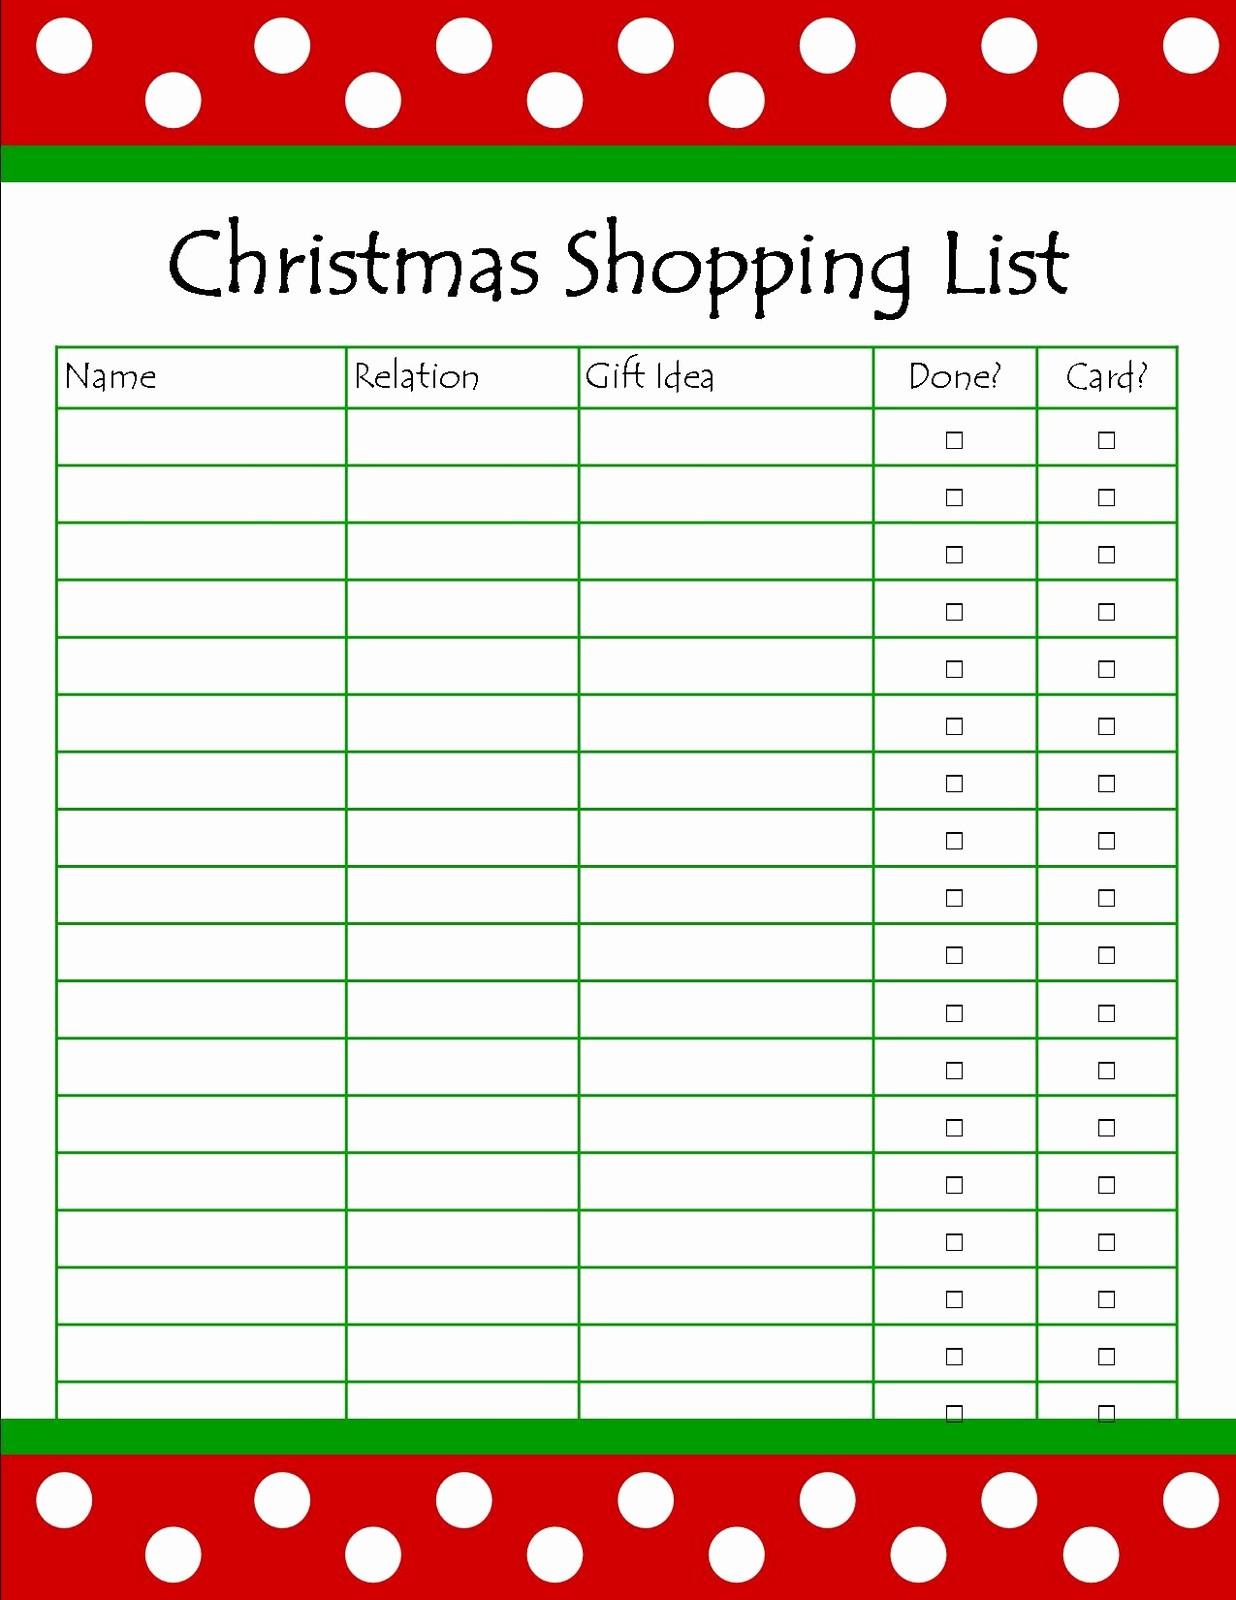 Christmas Shopping List Template Printable New It S so Splendid Free Printable Christmas Shopping List